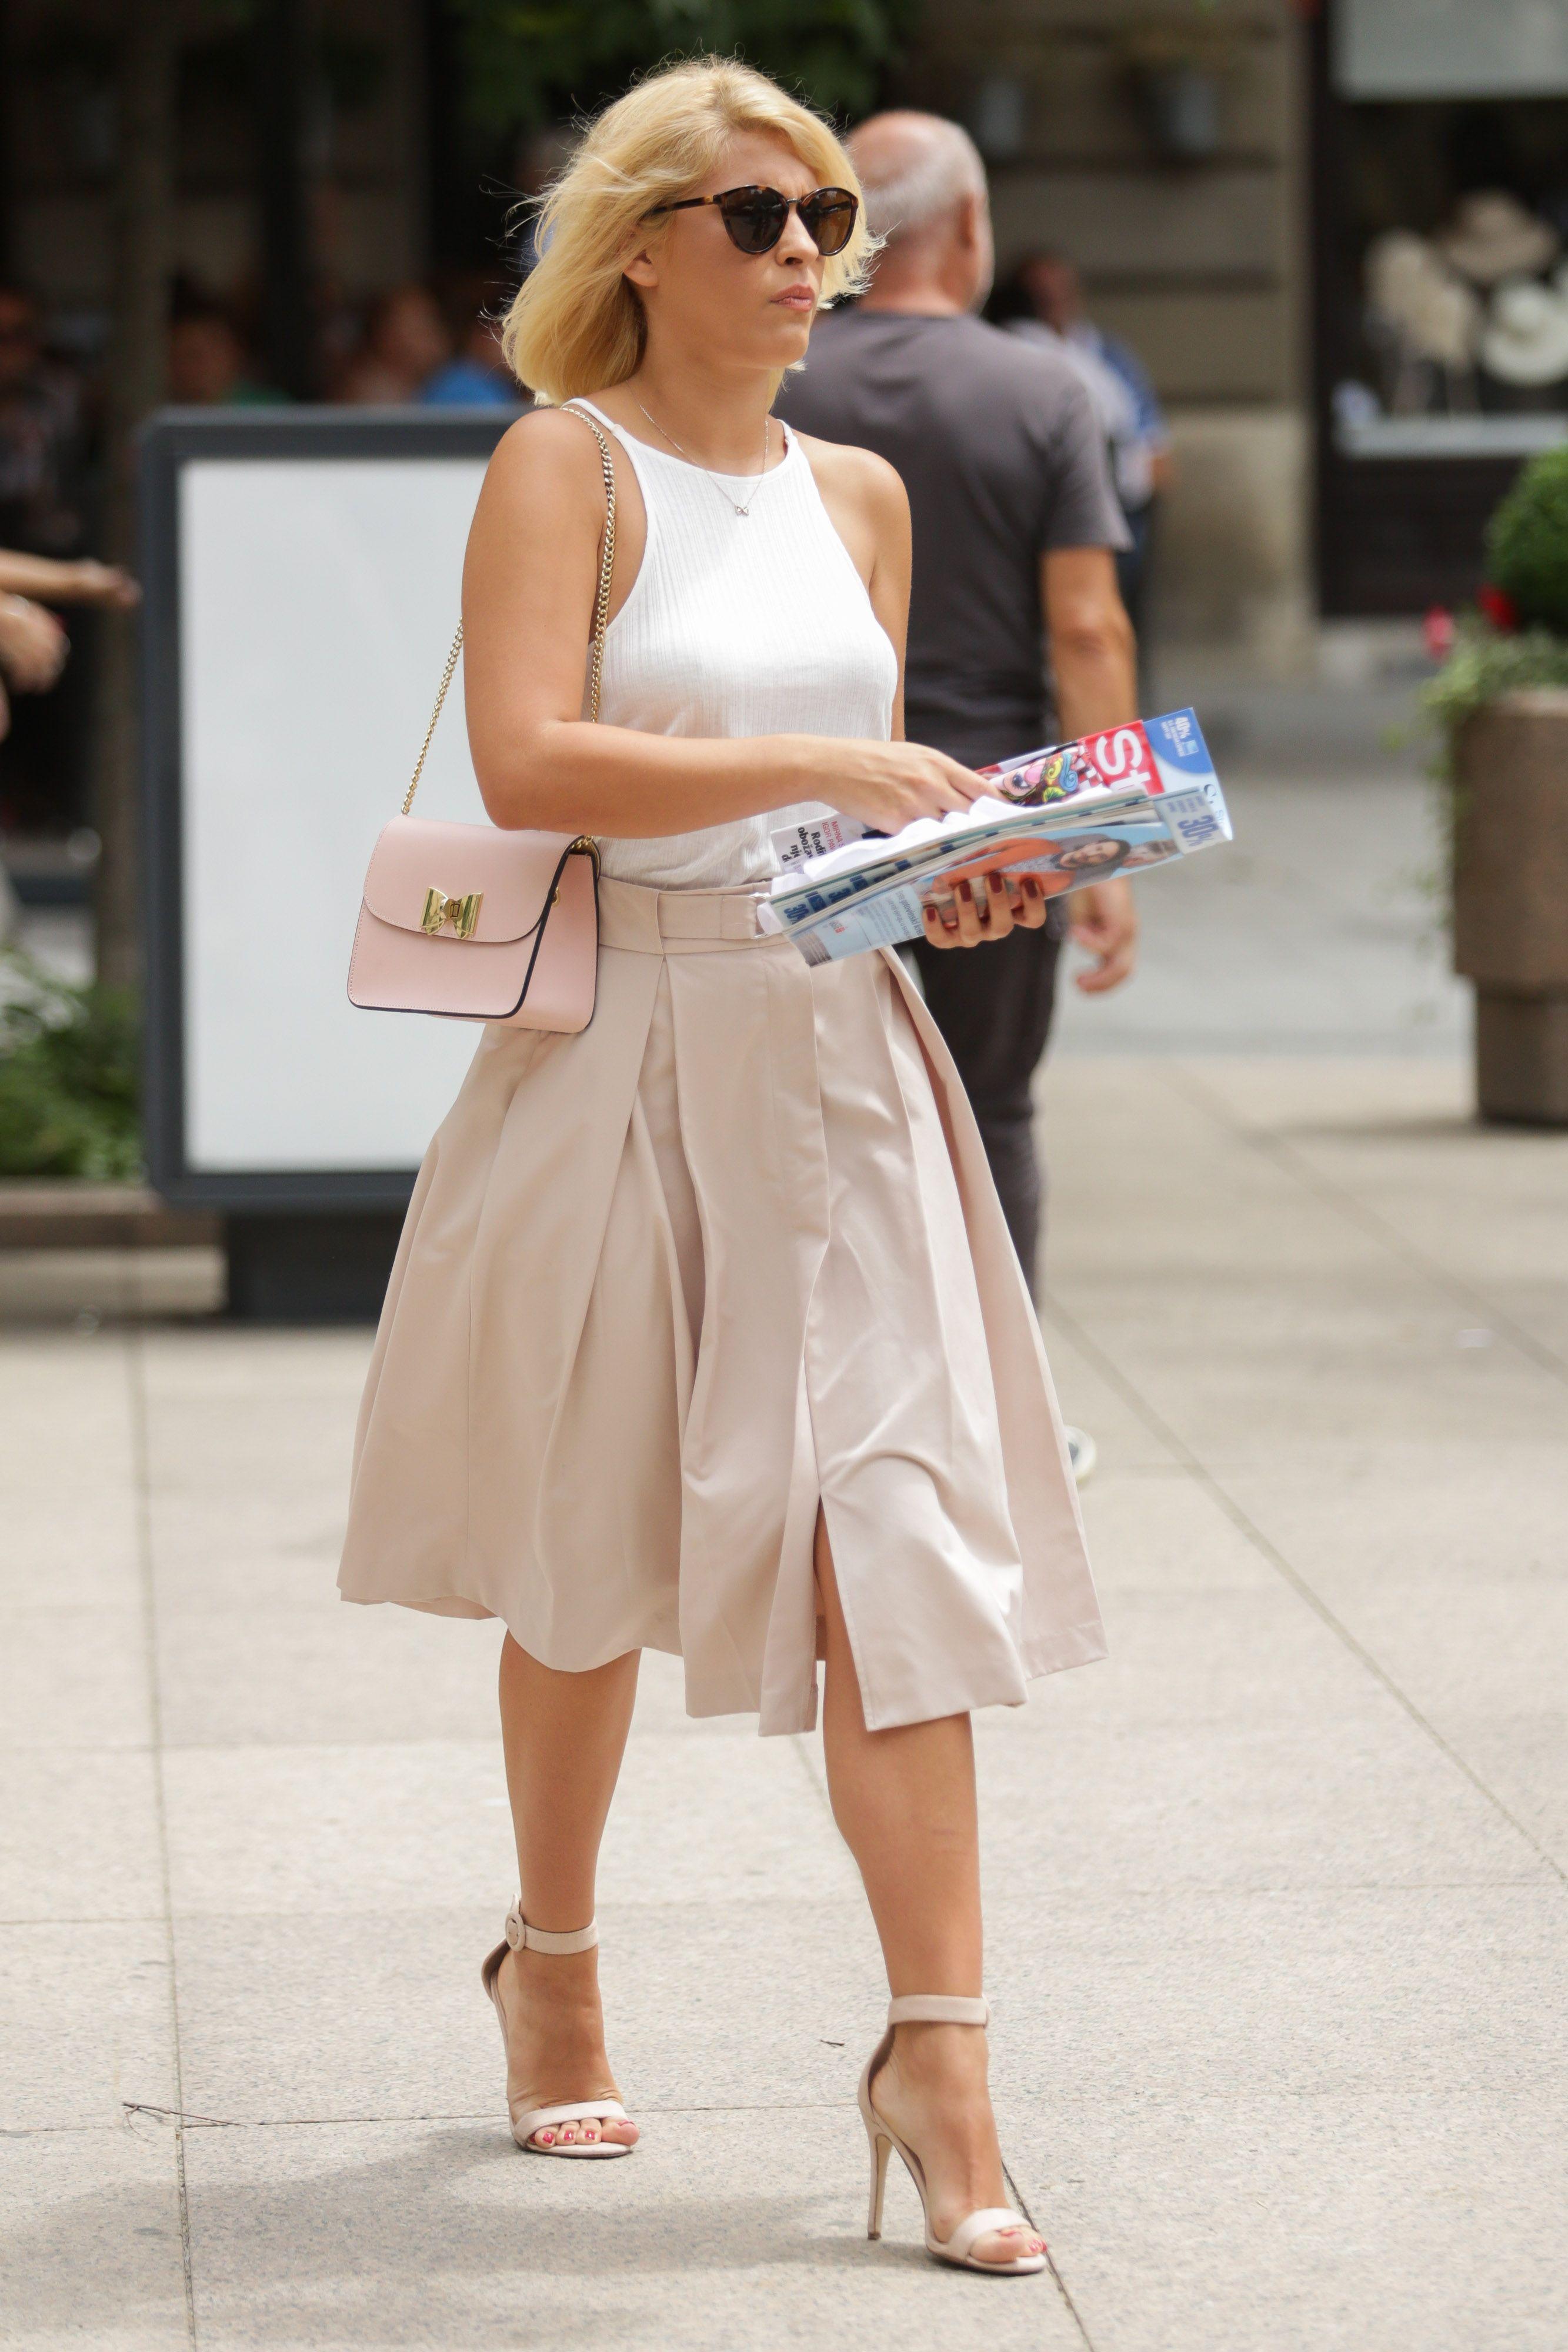 Izgleda savršeno: Prezgodna plavuša isfurala damsku eleganciju kakvu ne viđamo često!